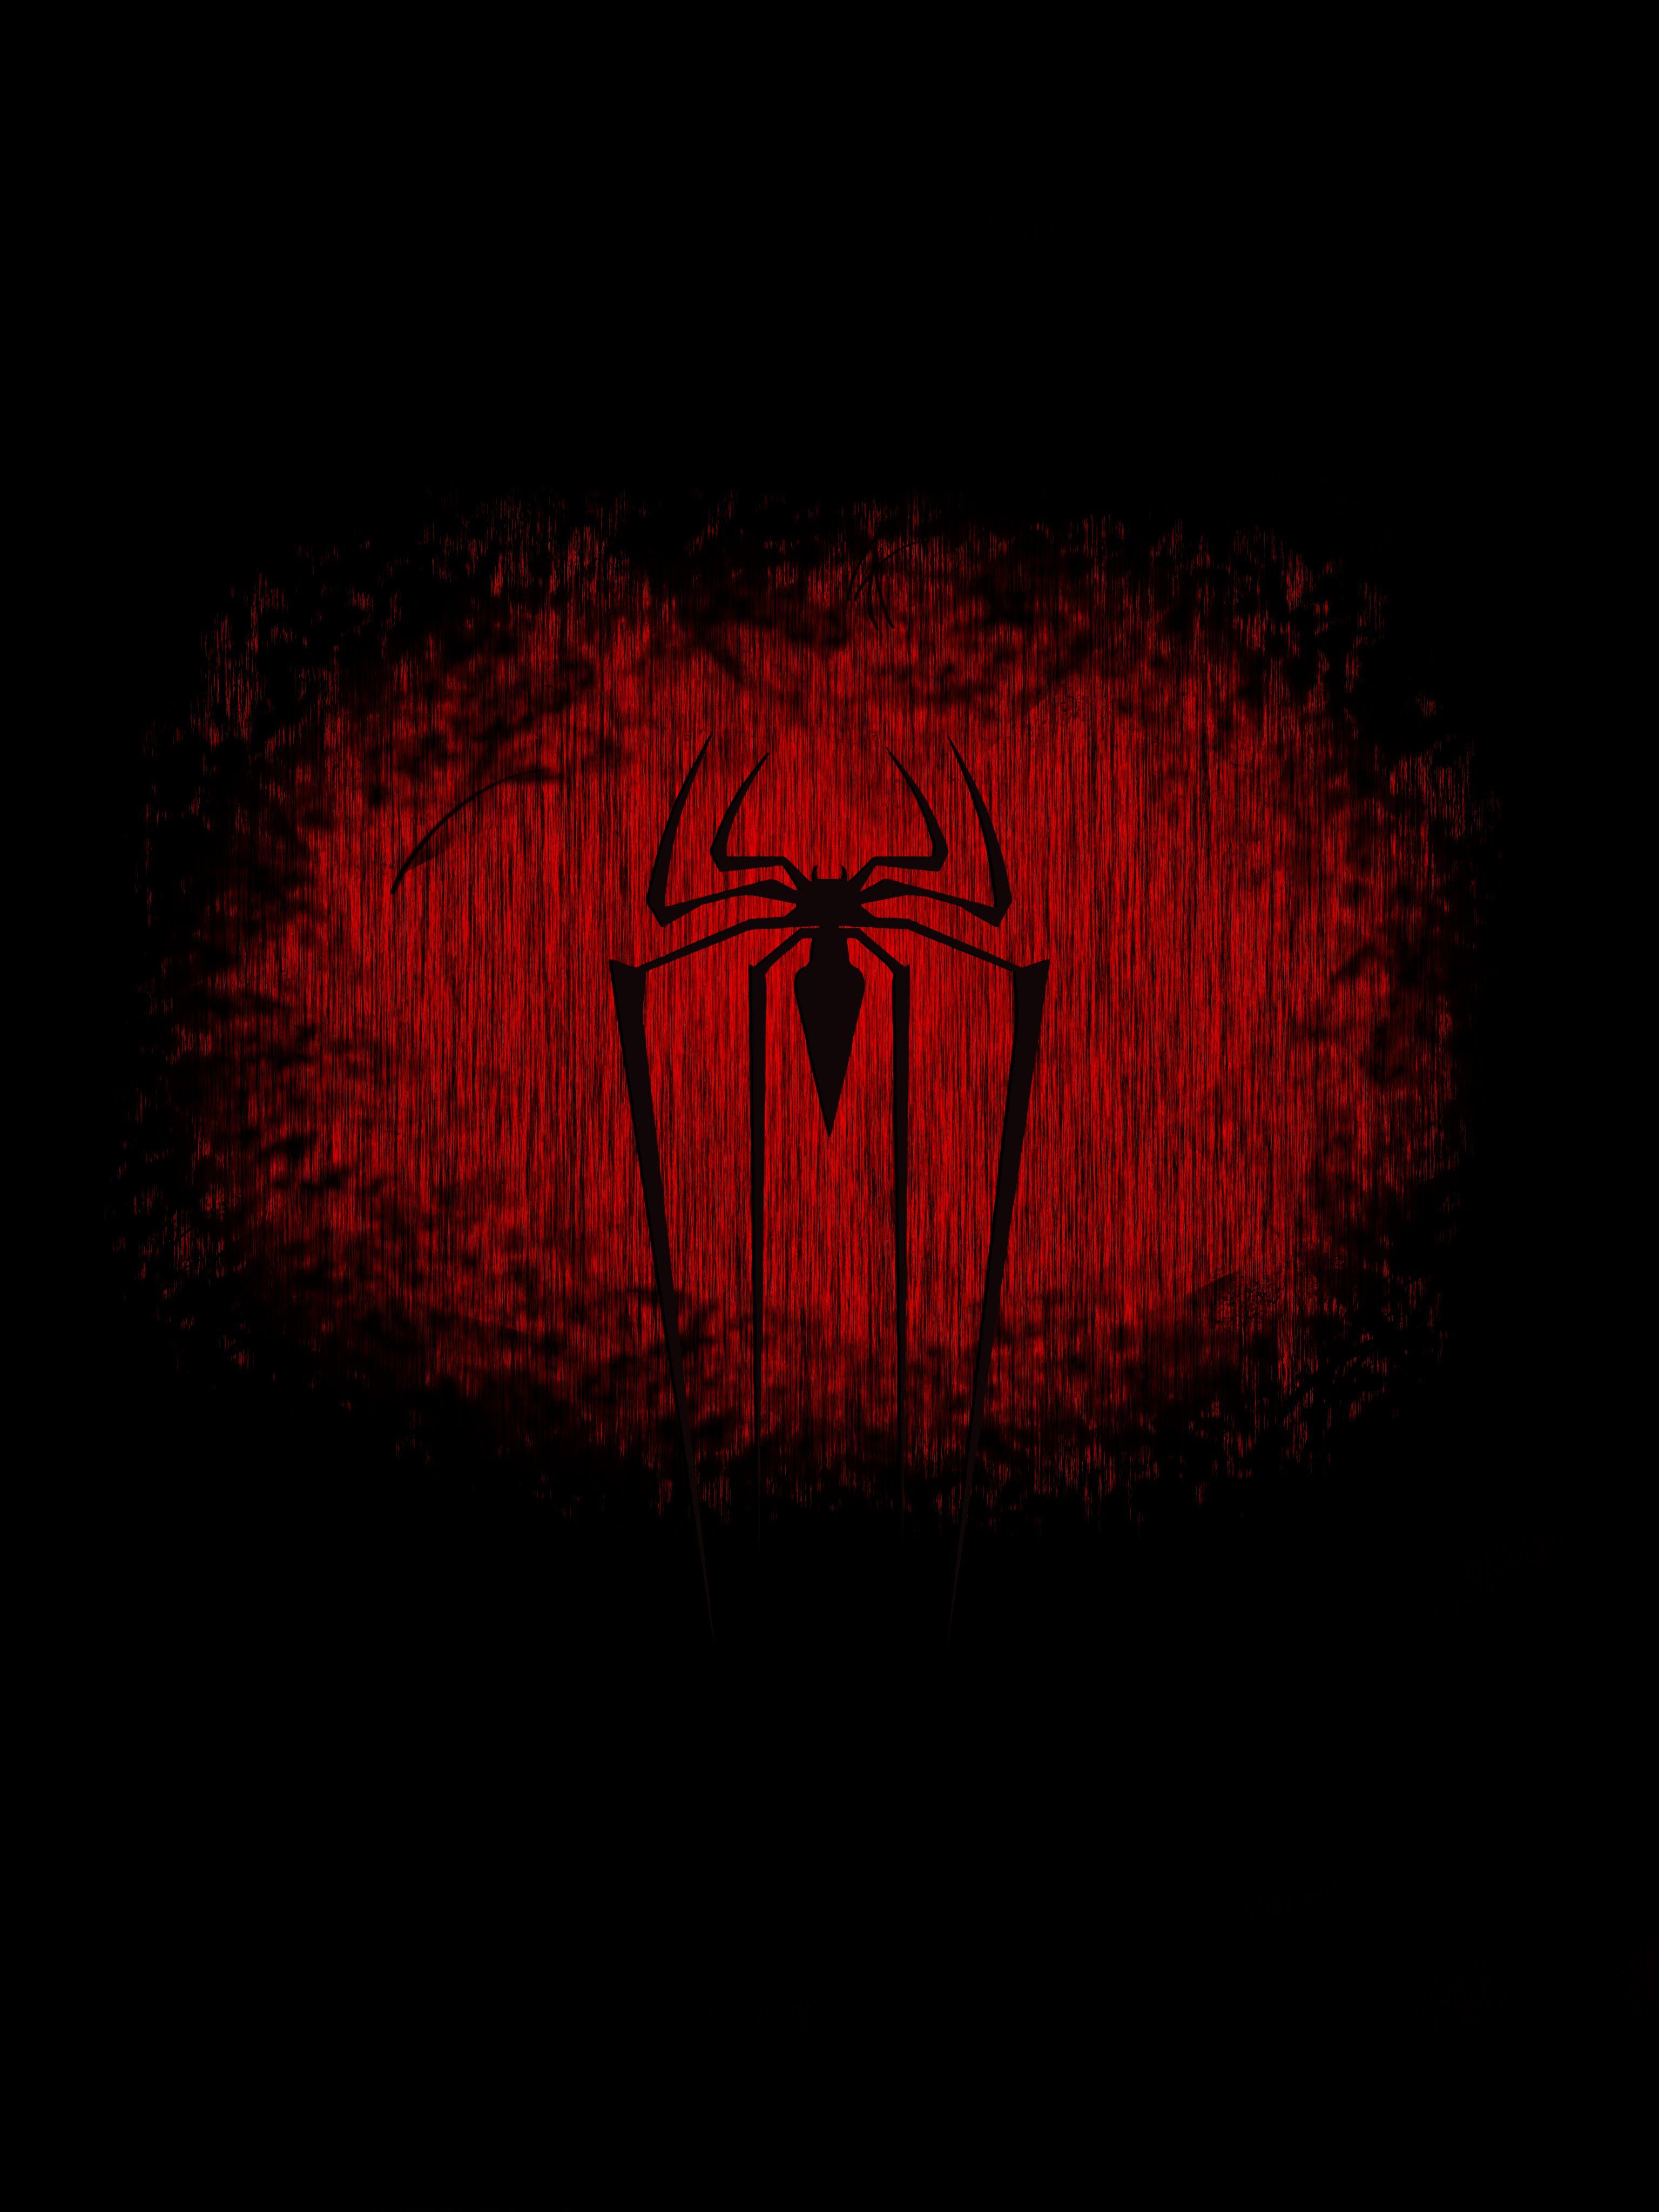 Good Wallpaper Logo Spiderman - 16a855246c922d4e44c6d5e76c0cc32b  HD_639474.jpg